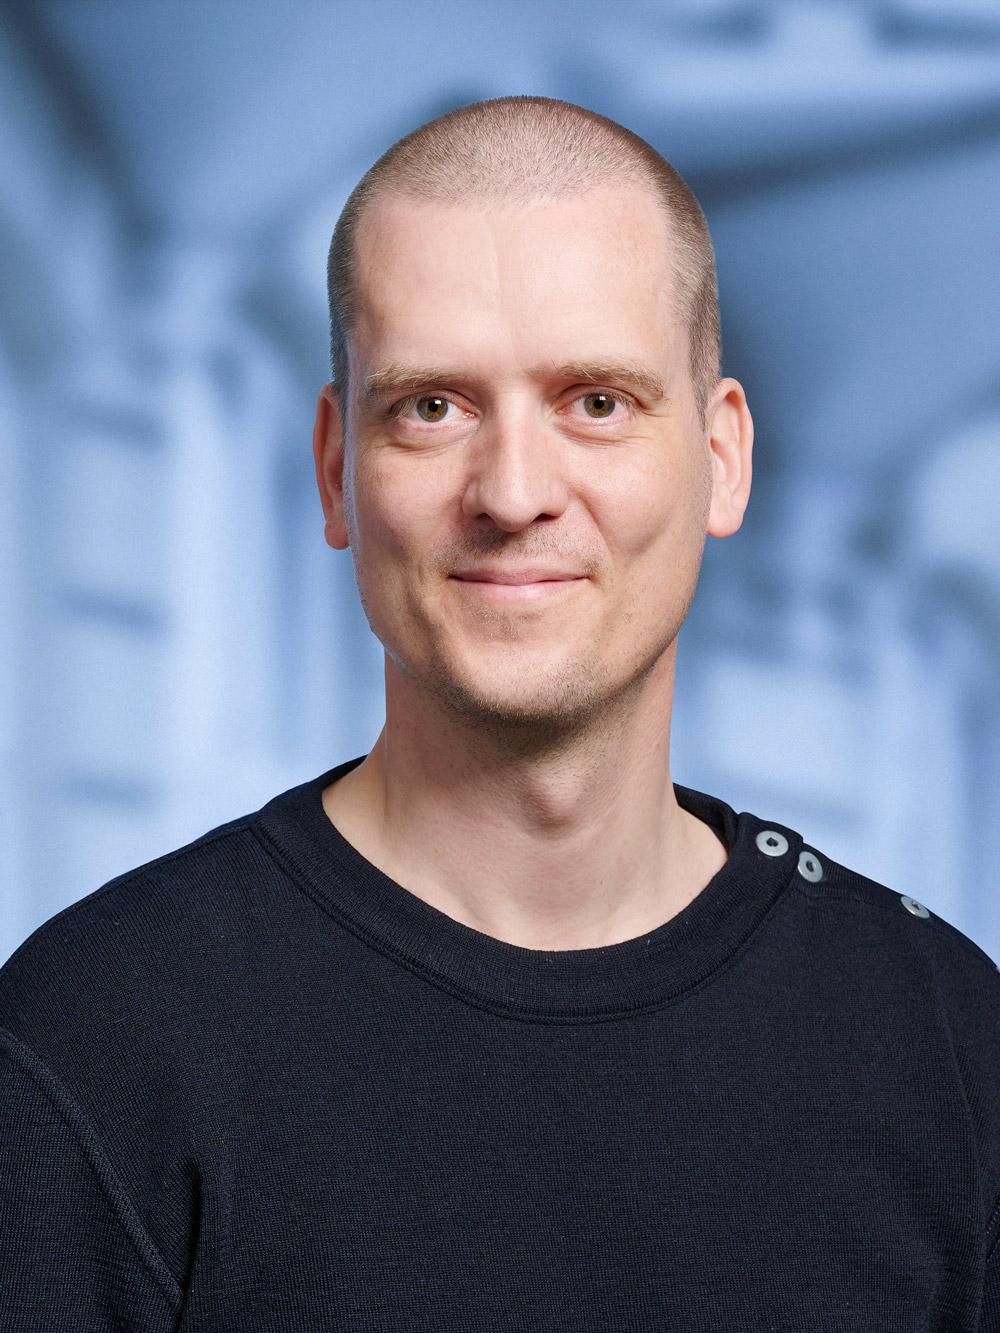 Venstre Niels Bjørn Povlsgaard